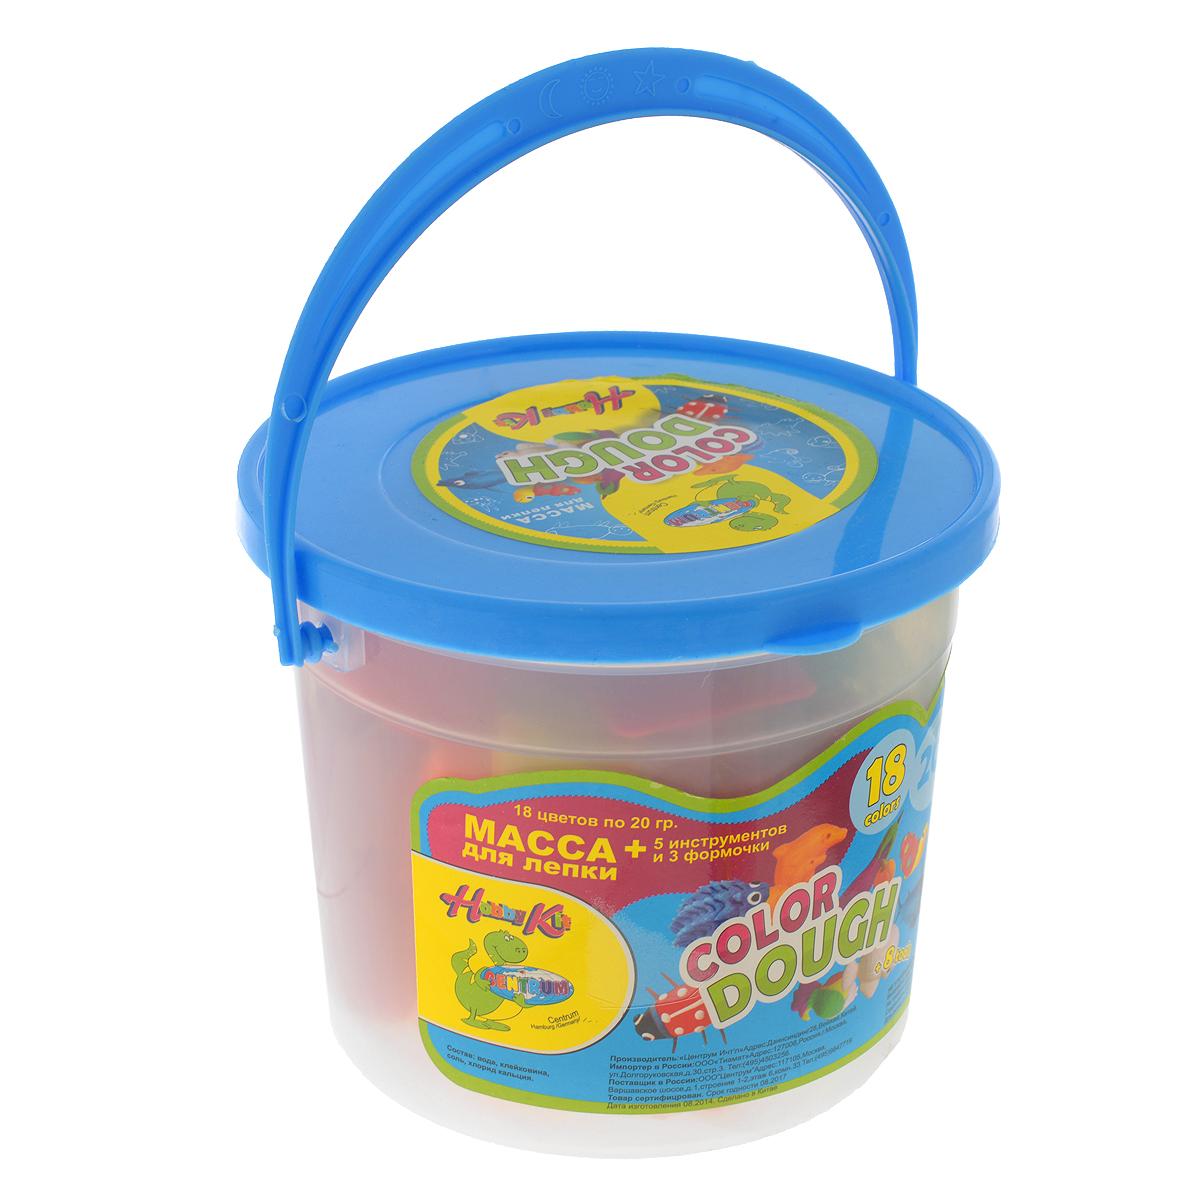 Масса для лепки Centrum Hobby Kit: Color dough, с формочками и роликом для раскатки, цвет: голубой, 18 цветов83662_голубойКрасочная цветная масса для лепки Centrum Hobby Kit: Color dough приведет в восторг вашего малыша. Масса обладает удивительной пластичностью, не пачкается и не липнет к рукам и рабочей поверхности. Набор включает тесто 18 насыщенных цветов: черного, фиолетового, красного, зеленого, темно-зеленого, желтого, белого, синего, оранжевого, морковного, розового, светло-голубого, светло-розового, светло-оранжевого, светло-фиолетового, светло-коричневого, ярко-желтого и персикового. Цвета отлично смешиваются между собой, образуя новые оттенки. В комплект входят три формы, четыре инструмента и раскаточный ролик. Лепка из массы Centrum Hobby Kit: Color dough  помогает малышам развить мелкую моторику рук, творческое мышление, фантазию и воображение, а также способствует самовыражению. Объем теста для лепки 1 цвета - 20 г.